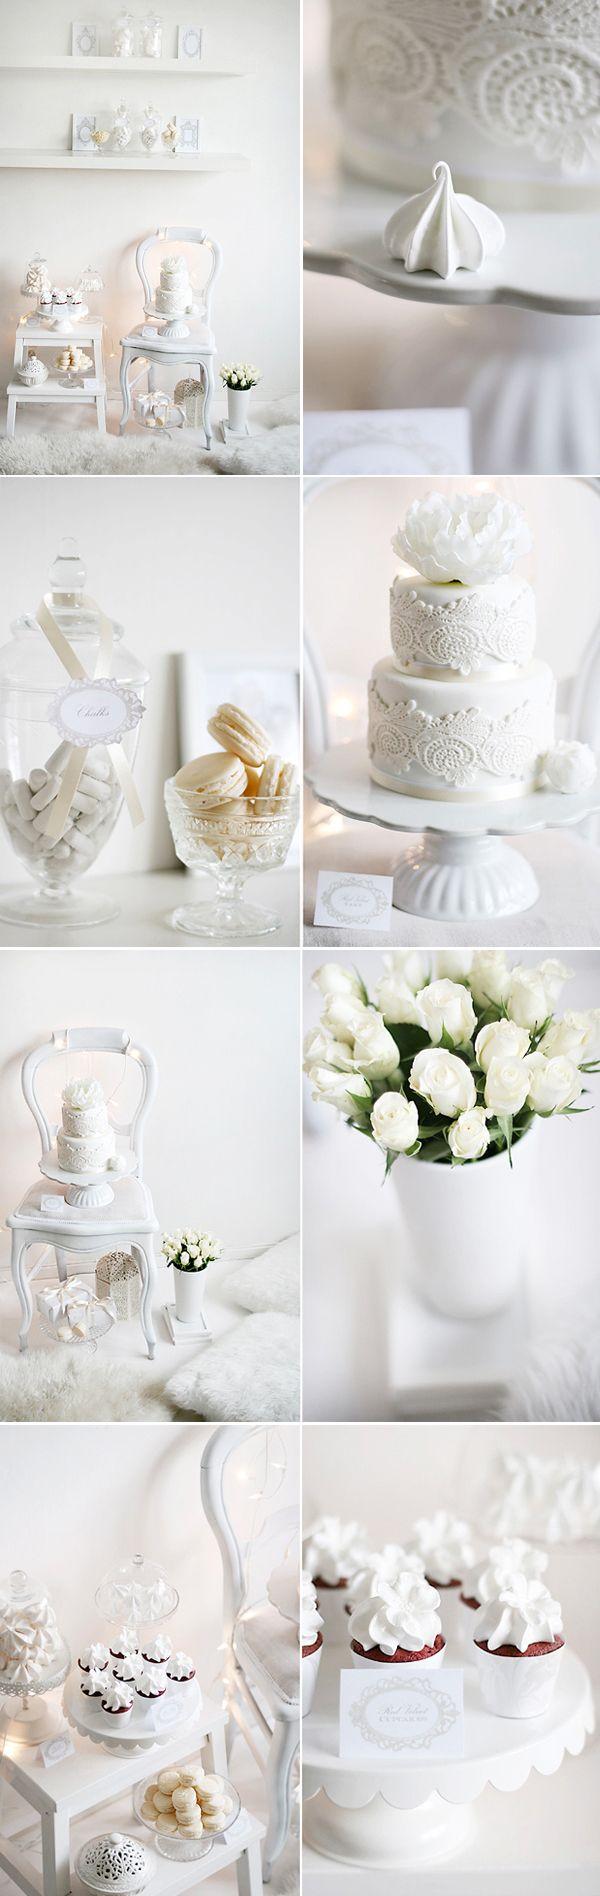 White winter wedding.